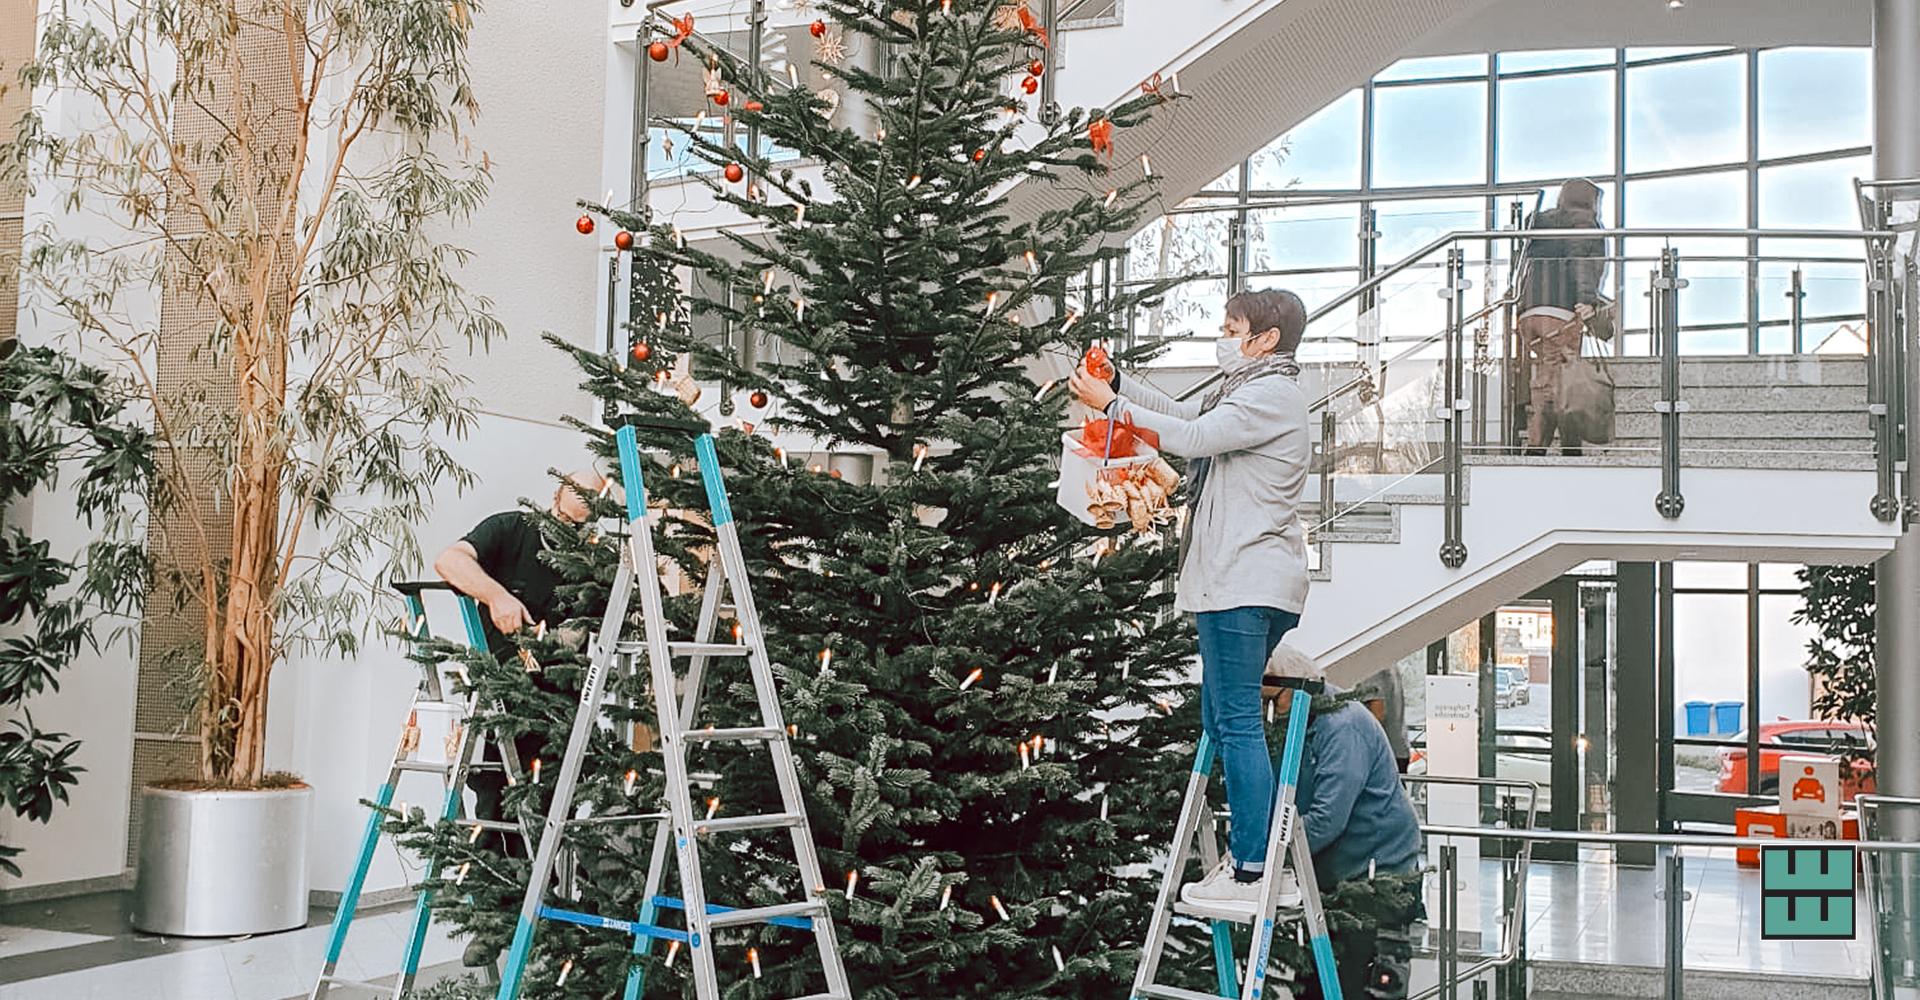 Auch diesen schönen Weihnachtsbaum in der Sparkassenfiliale in der Speicherstraße in Hildesheim haben wir aufgestellt und geschmückt.